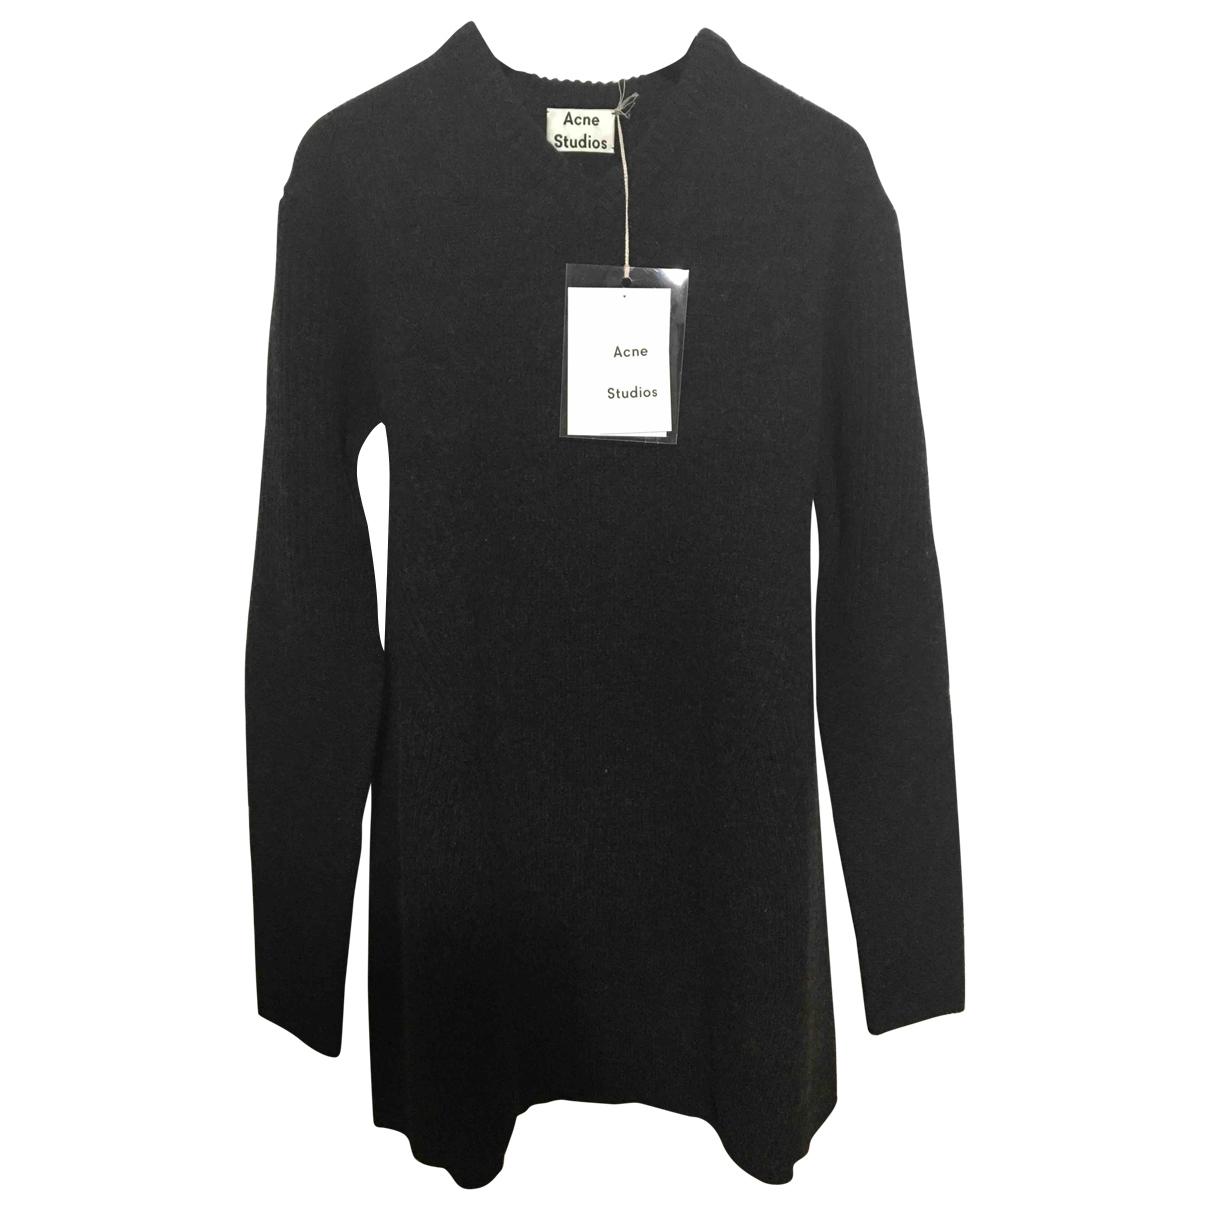 Acne Studios - Robe   pour femme en laine - anthracite